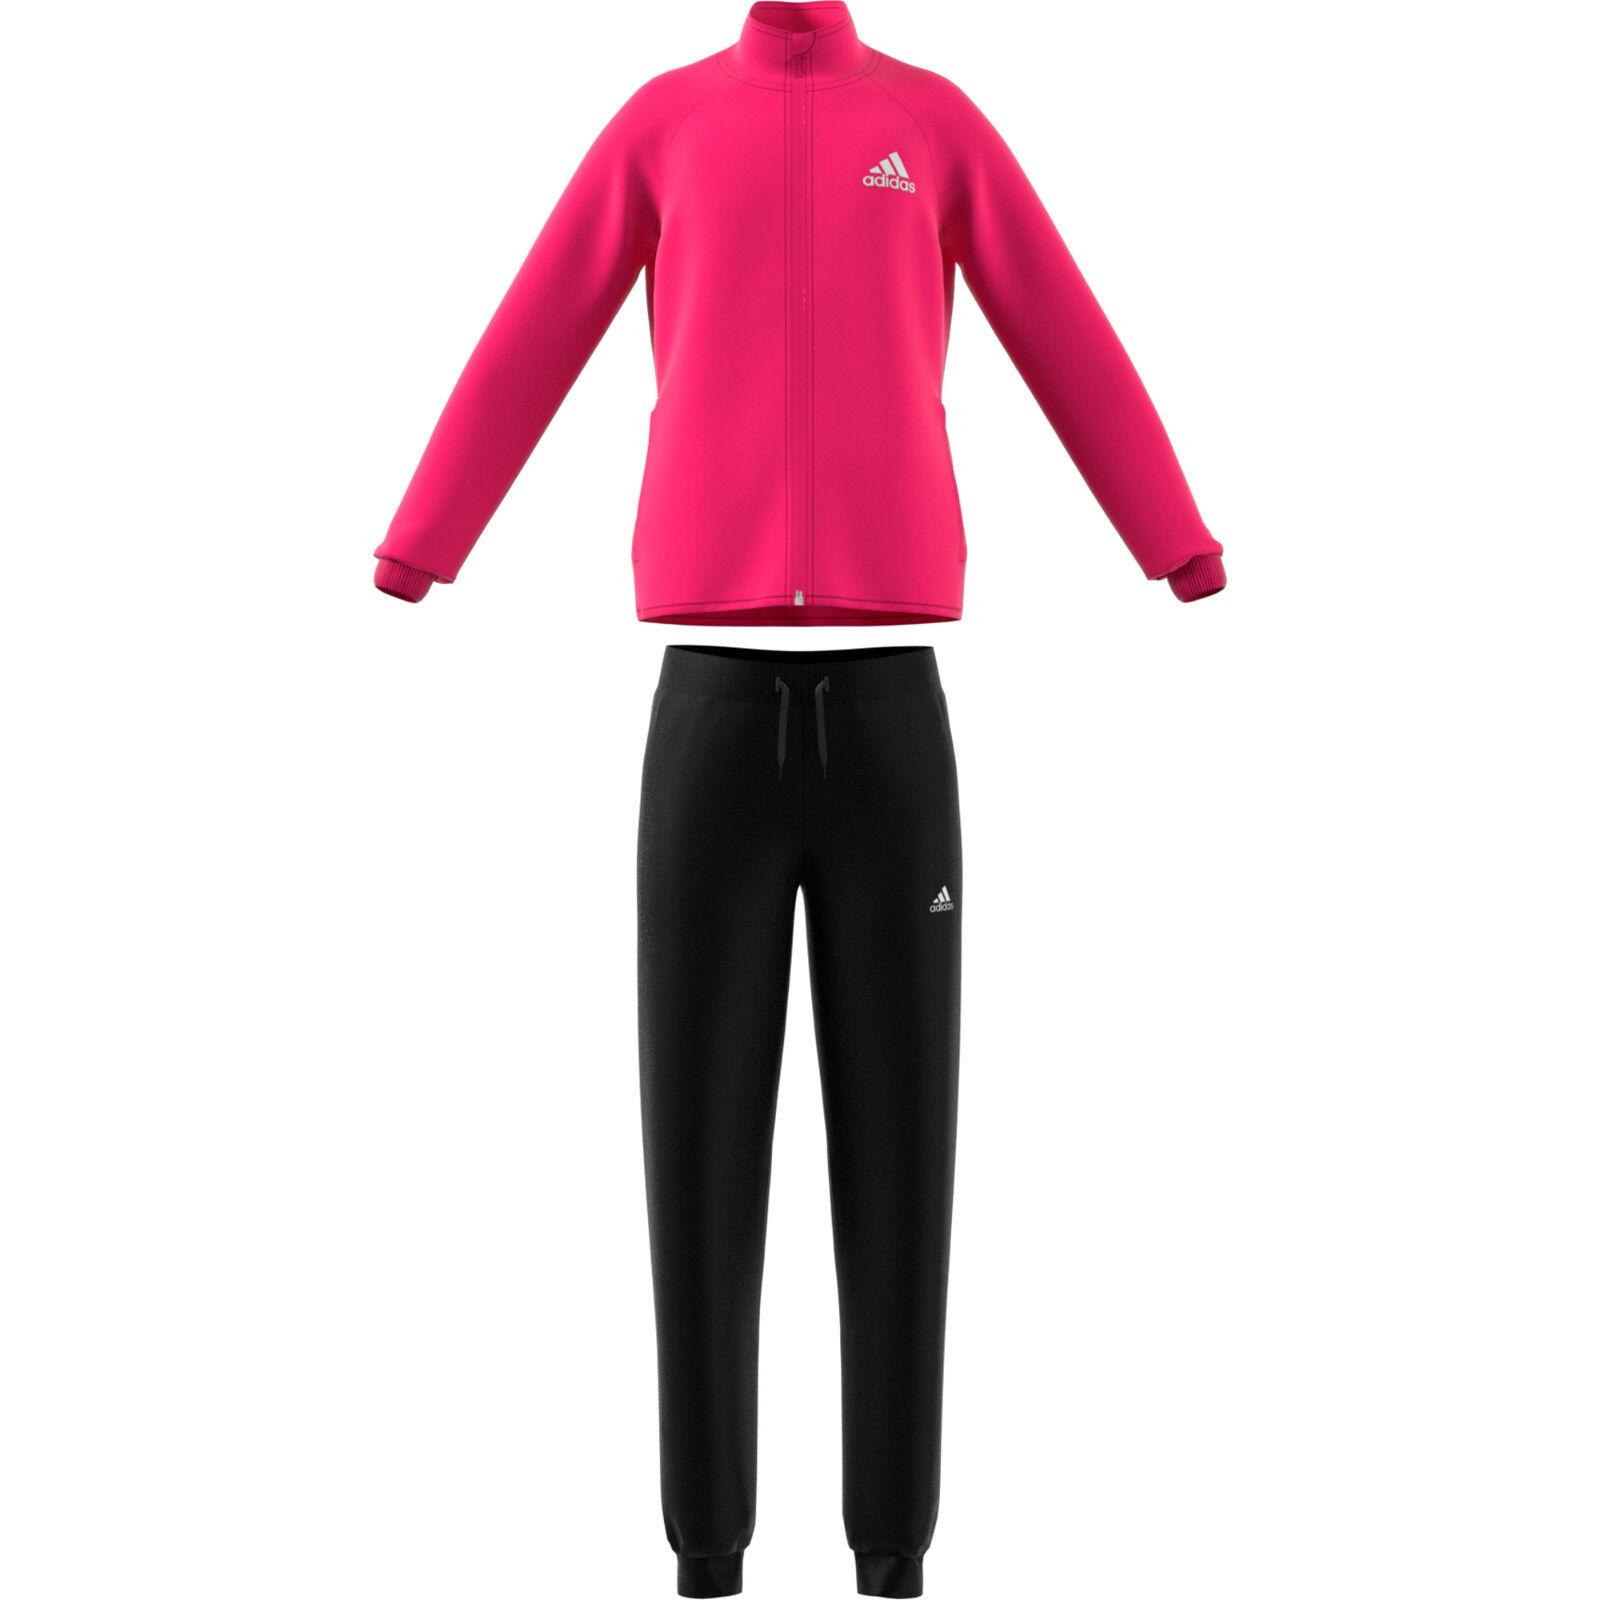 adidas Mädchen Trainingsanzug YG S Entry Sportanzug DM1402